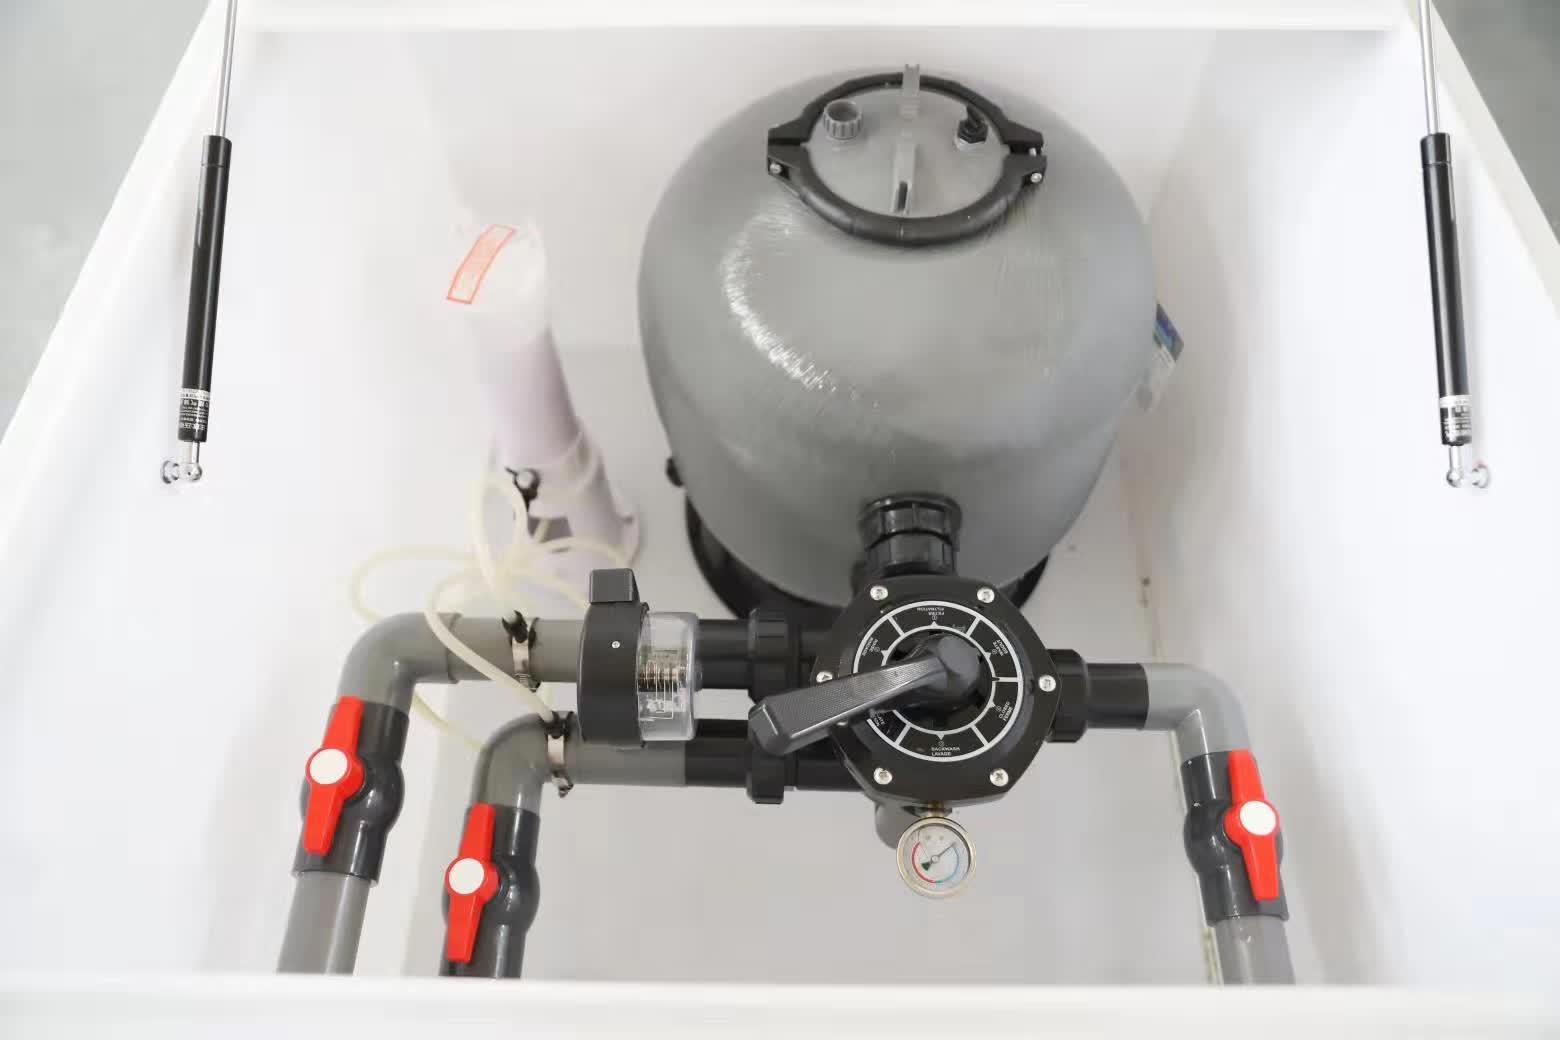 雨水收集过滤消毒一体机 设计精巧 智能化免维护 过滤器自动排污 具备消毒功能